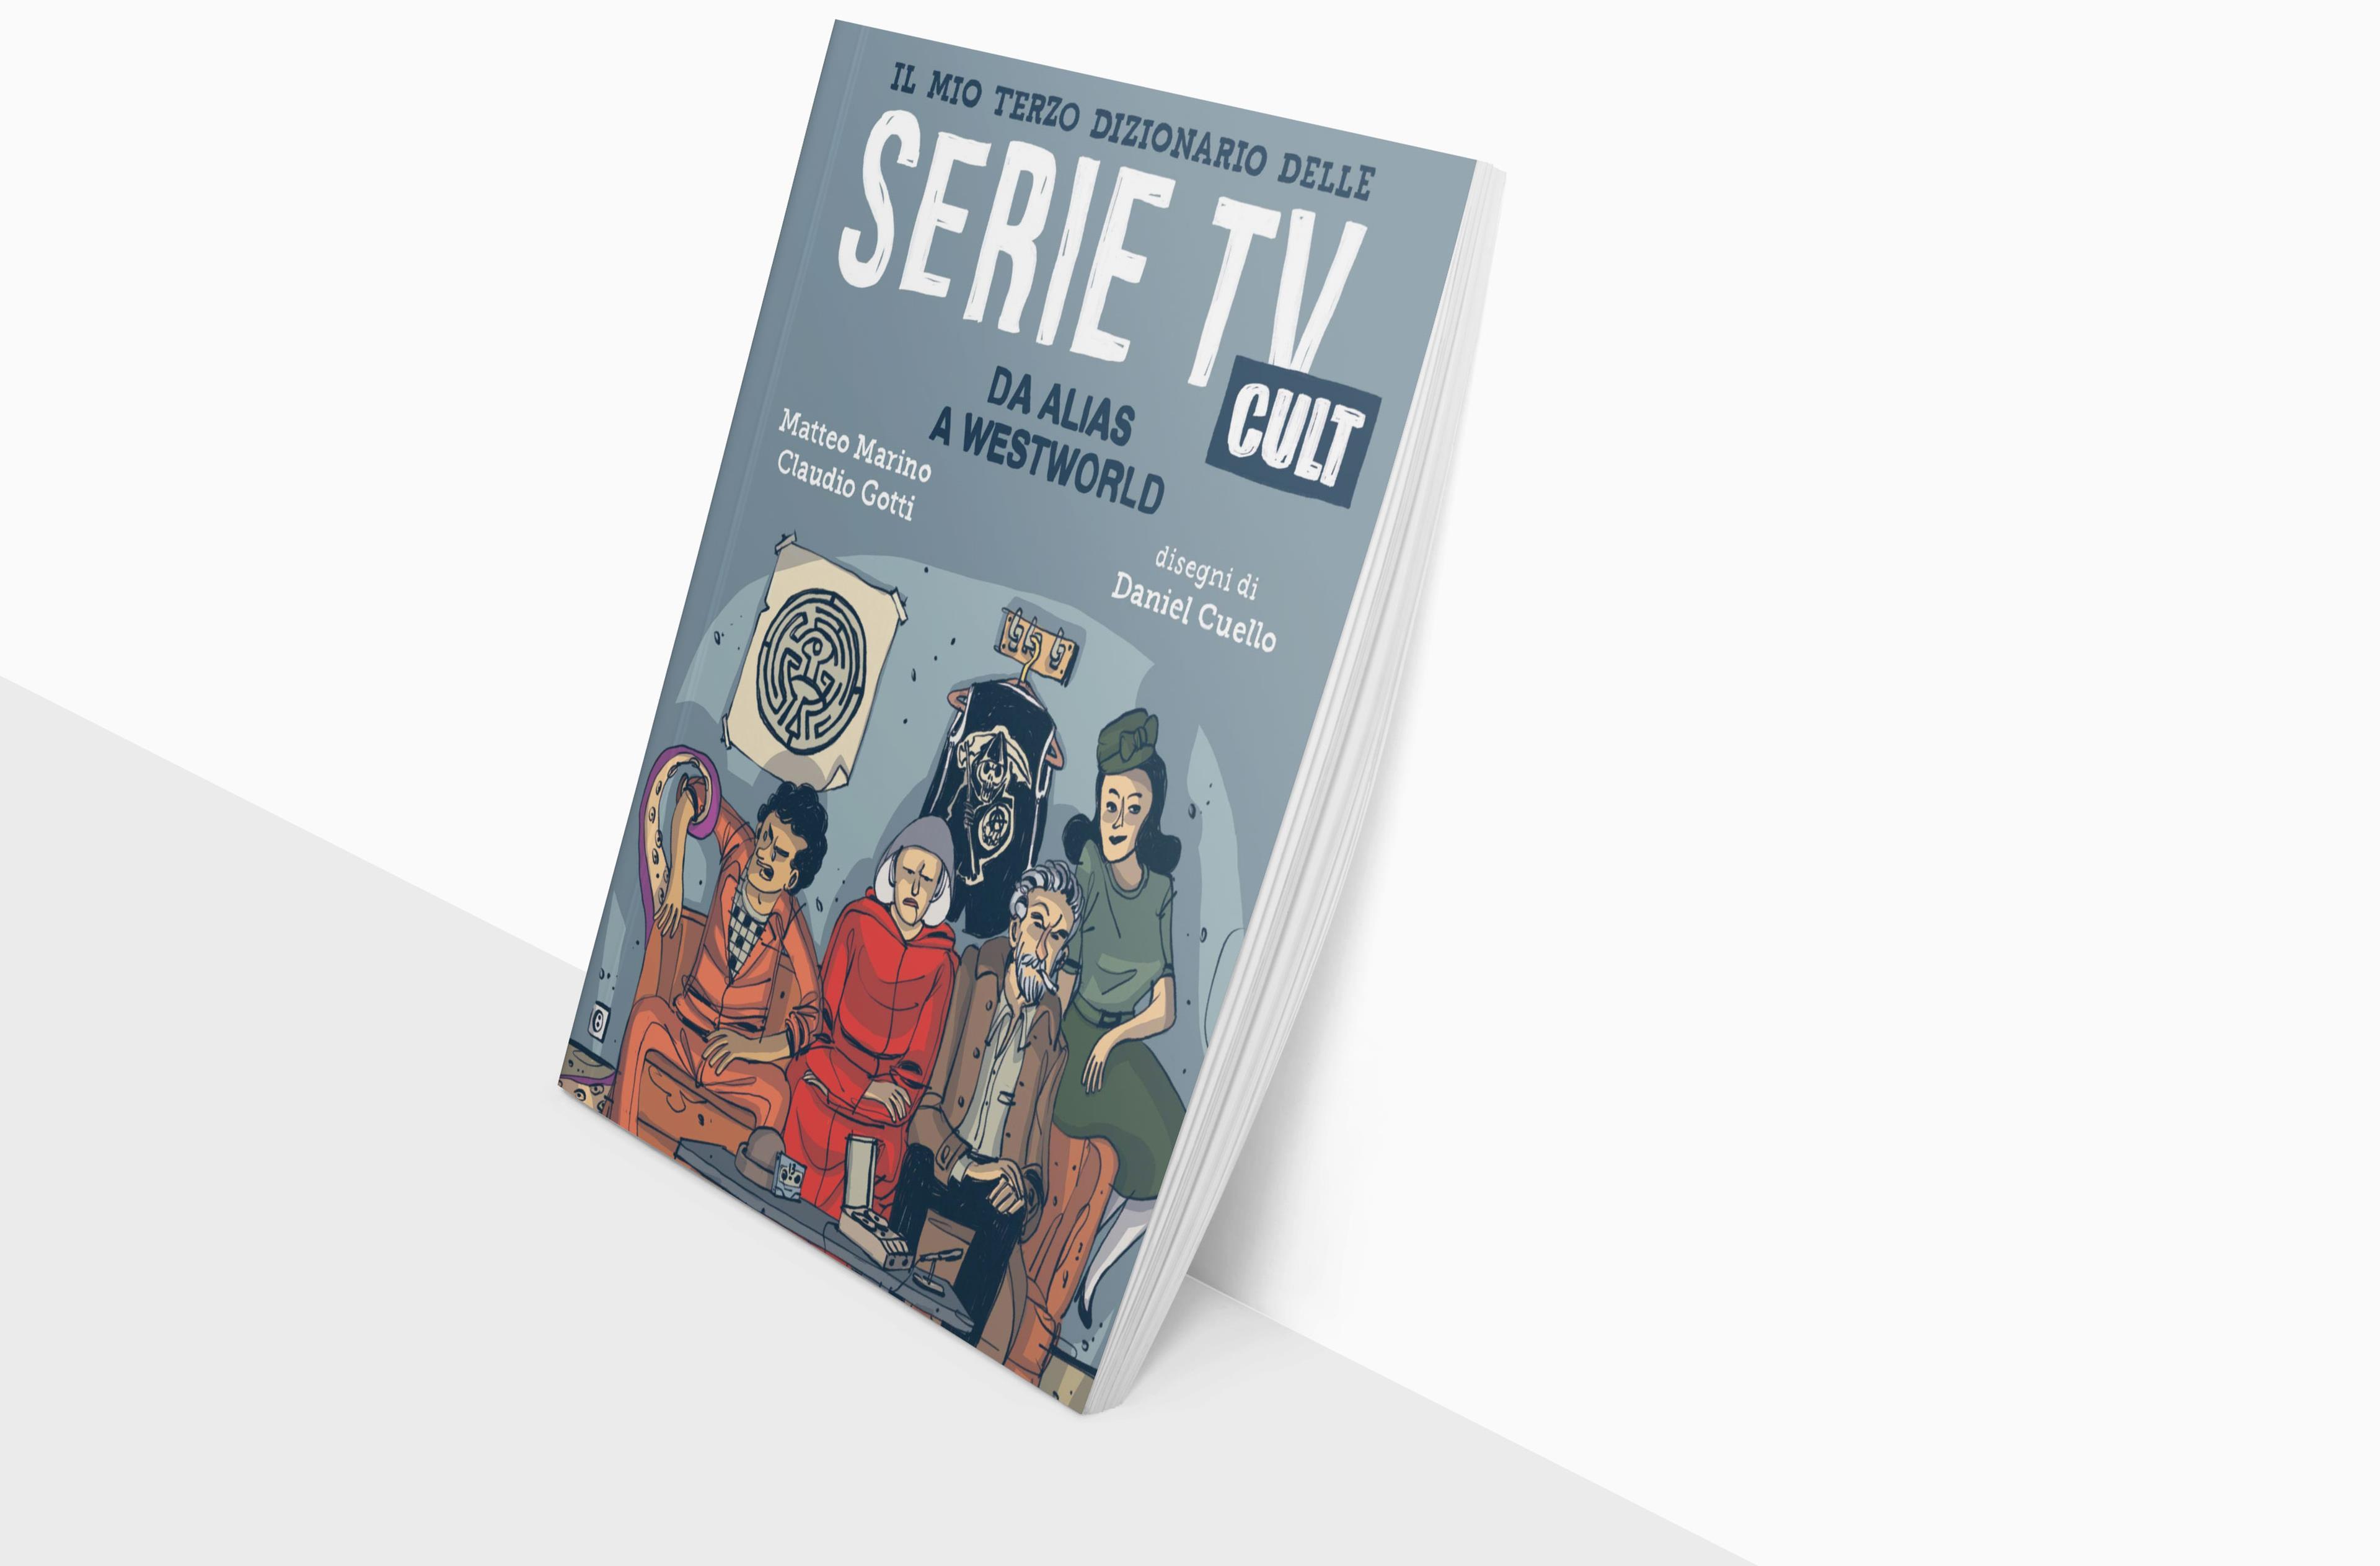 Alcune delle serie contenute nel Terzo Dizionario delle Serie TV Cult